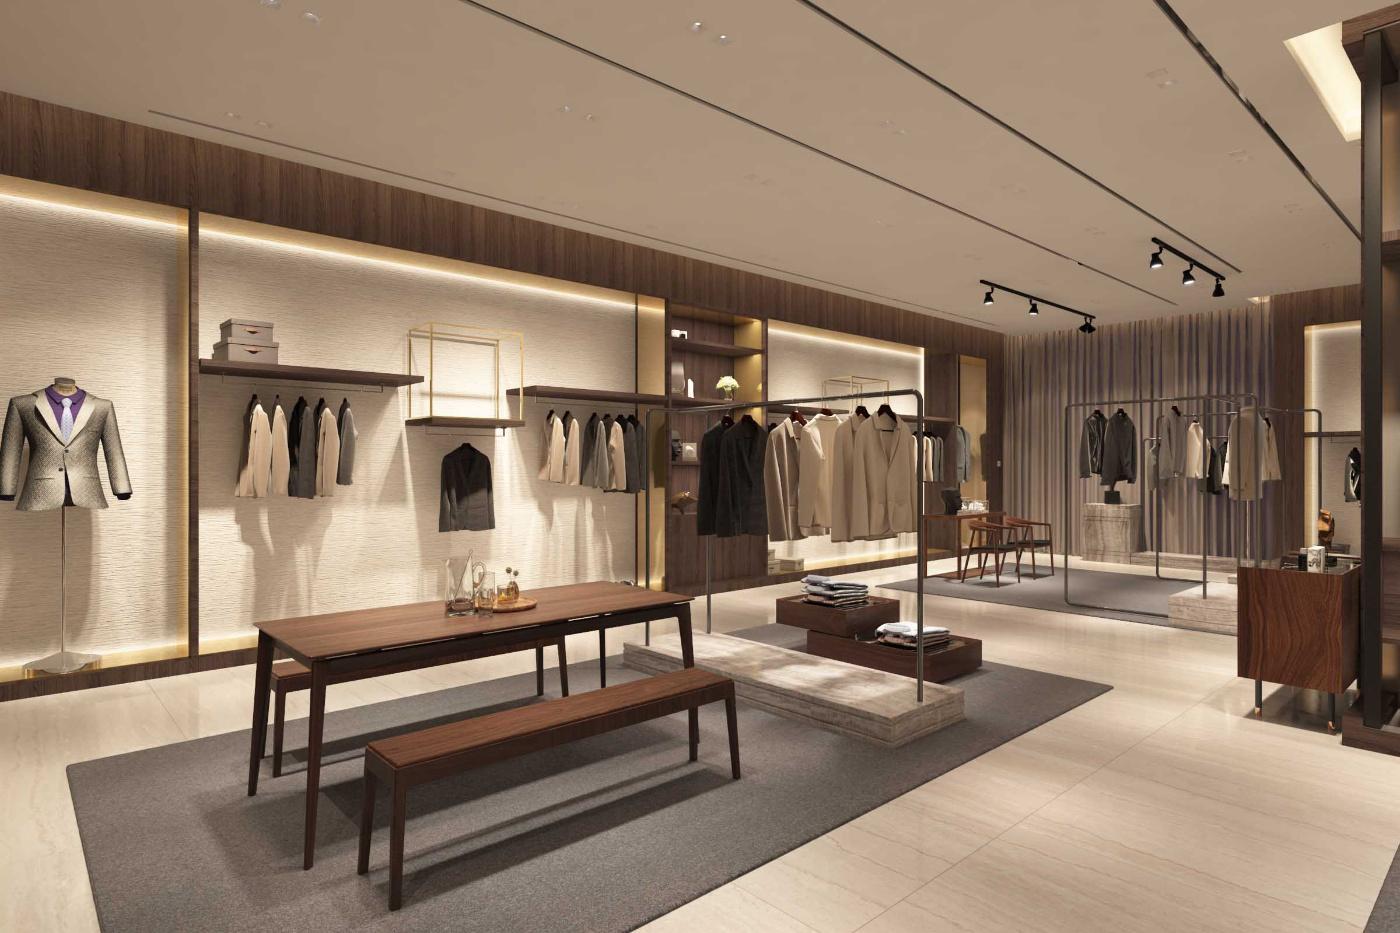 服装店设计成这样,商场表示不担心网购!i 大连·恒隆广场·品牌旗舰店